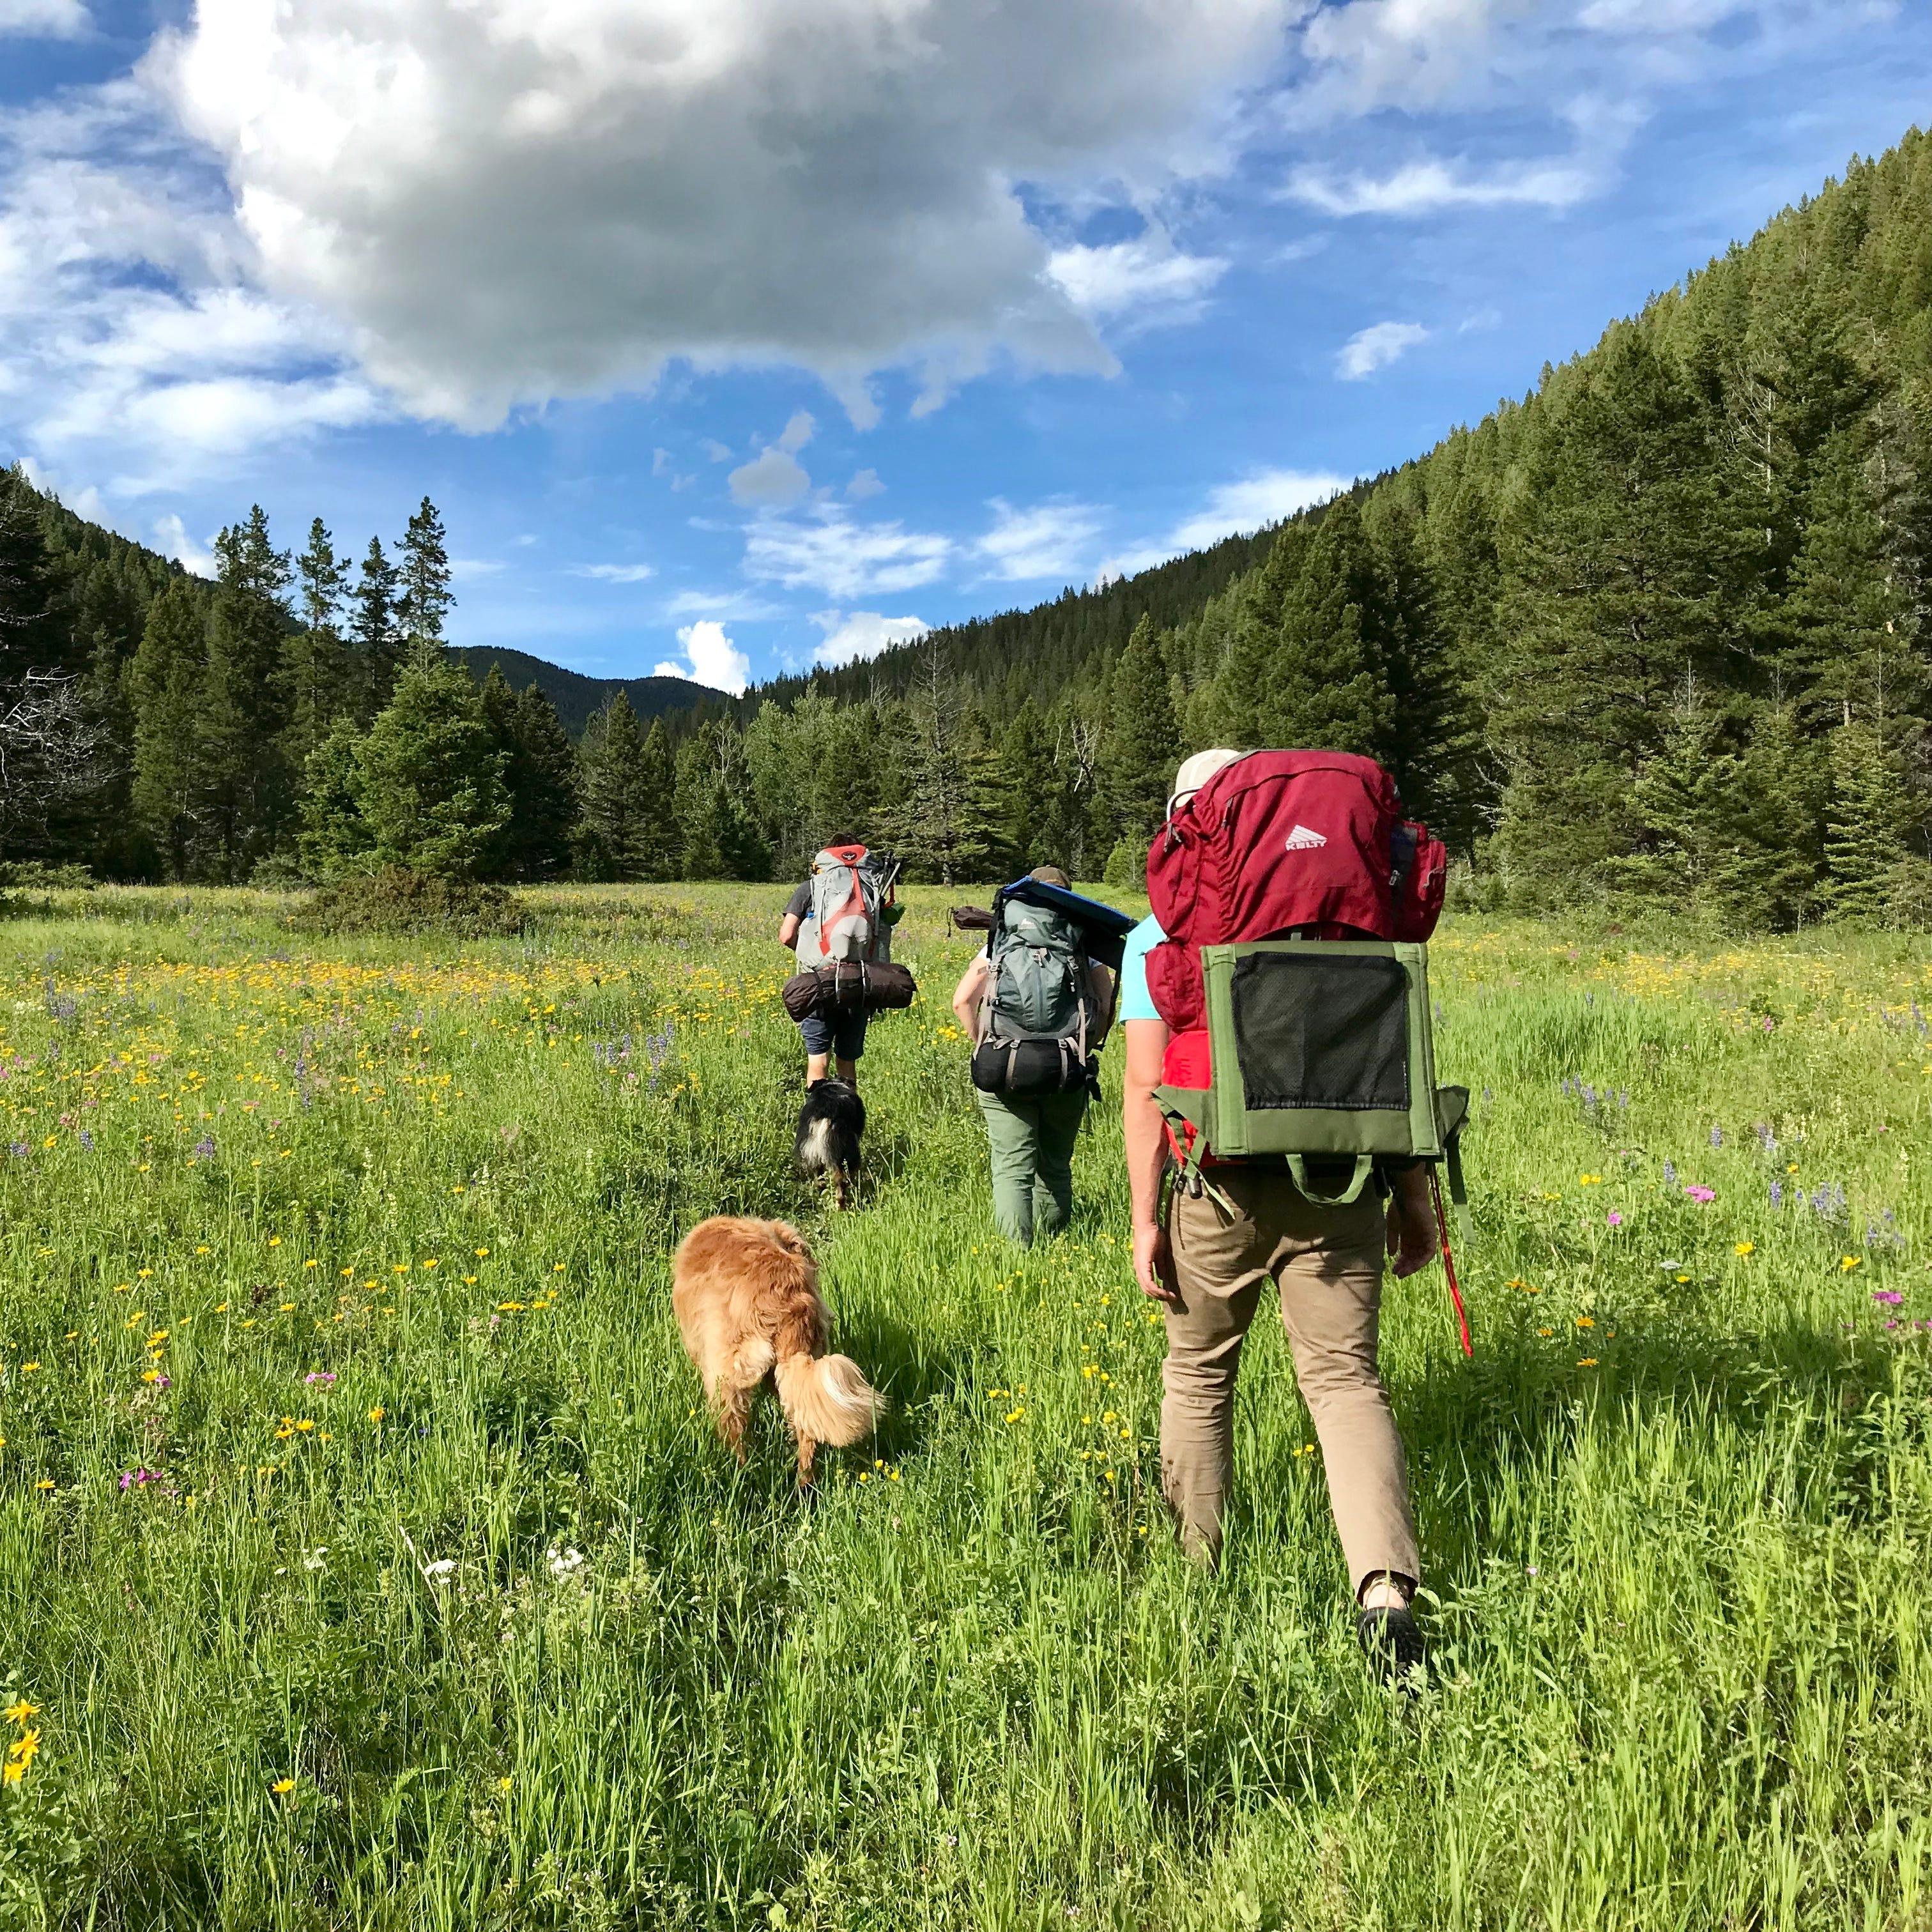 Hiking near Neihart